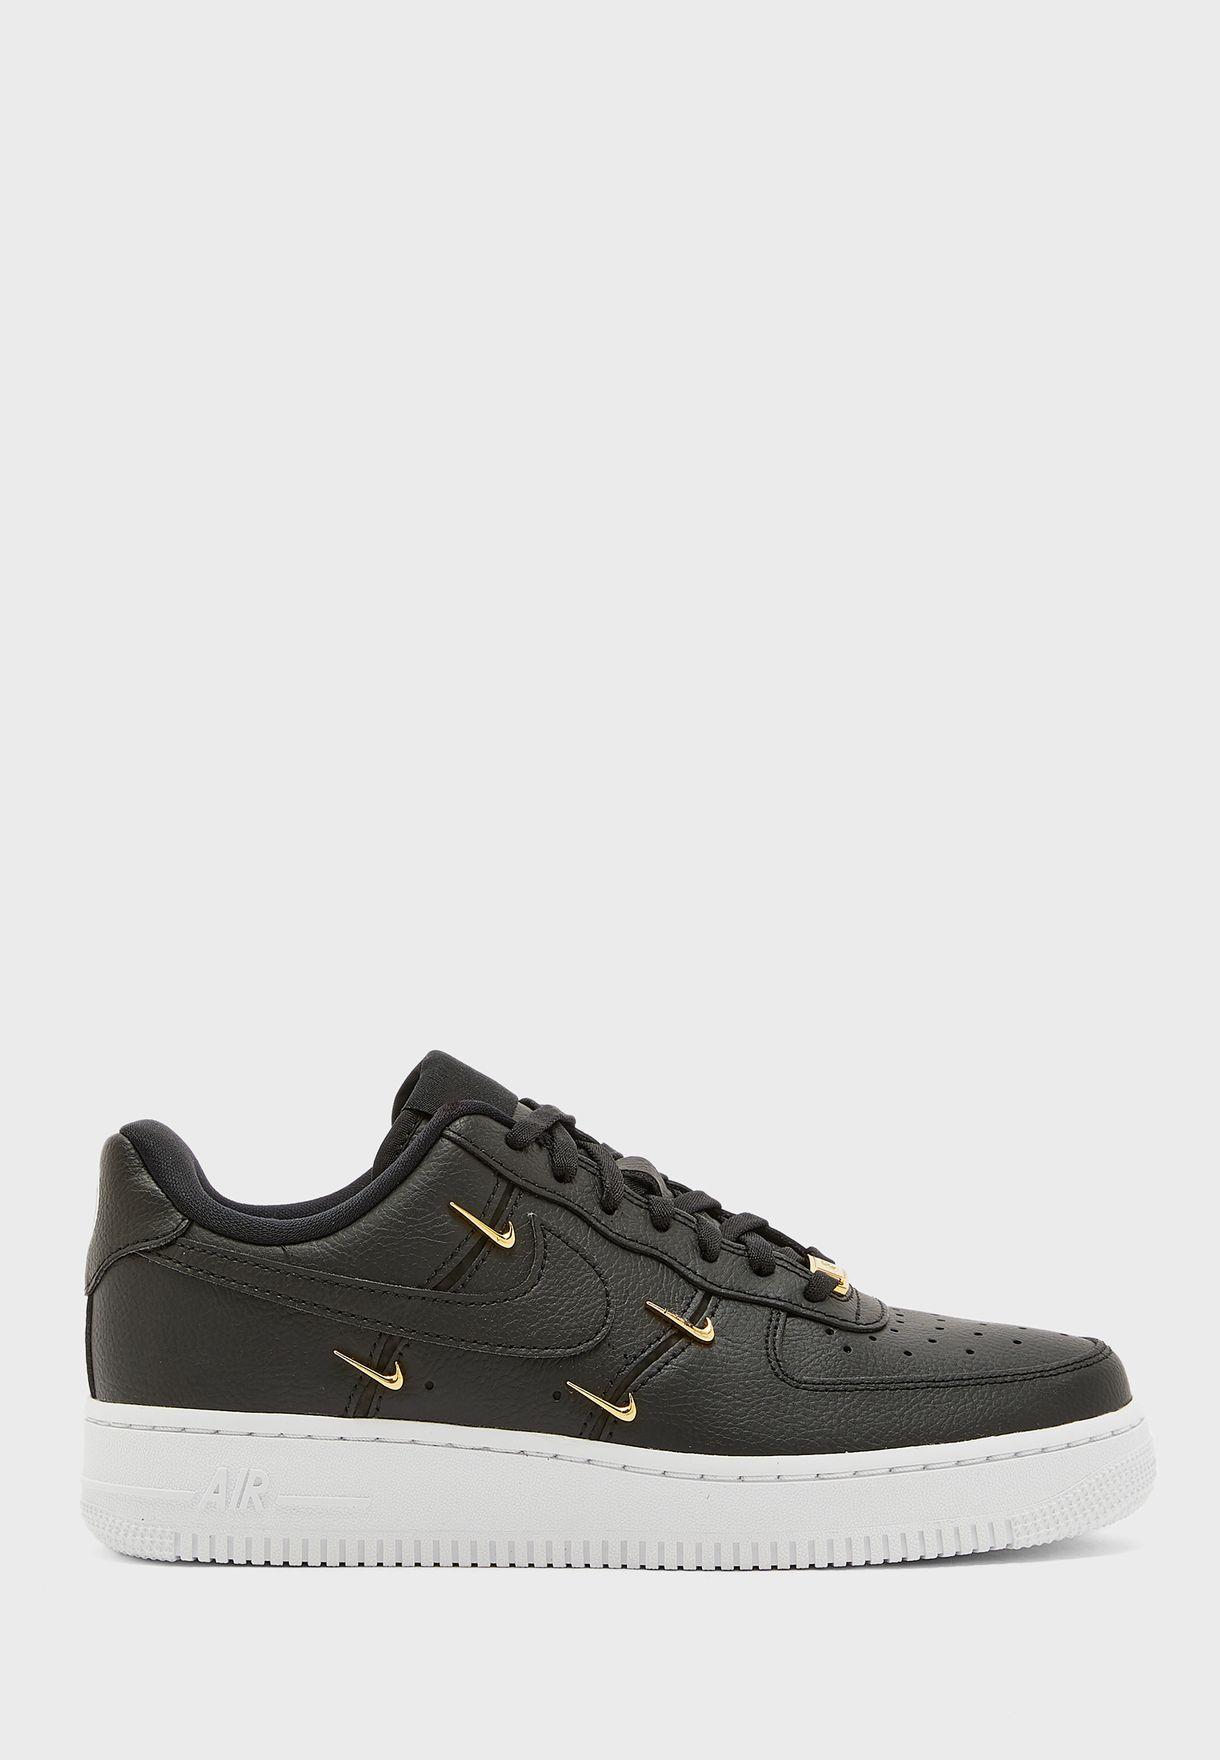 حذاء اير فورس  1'07 اس ال اكس